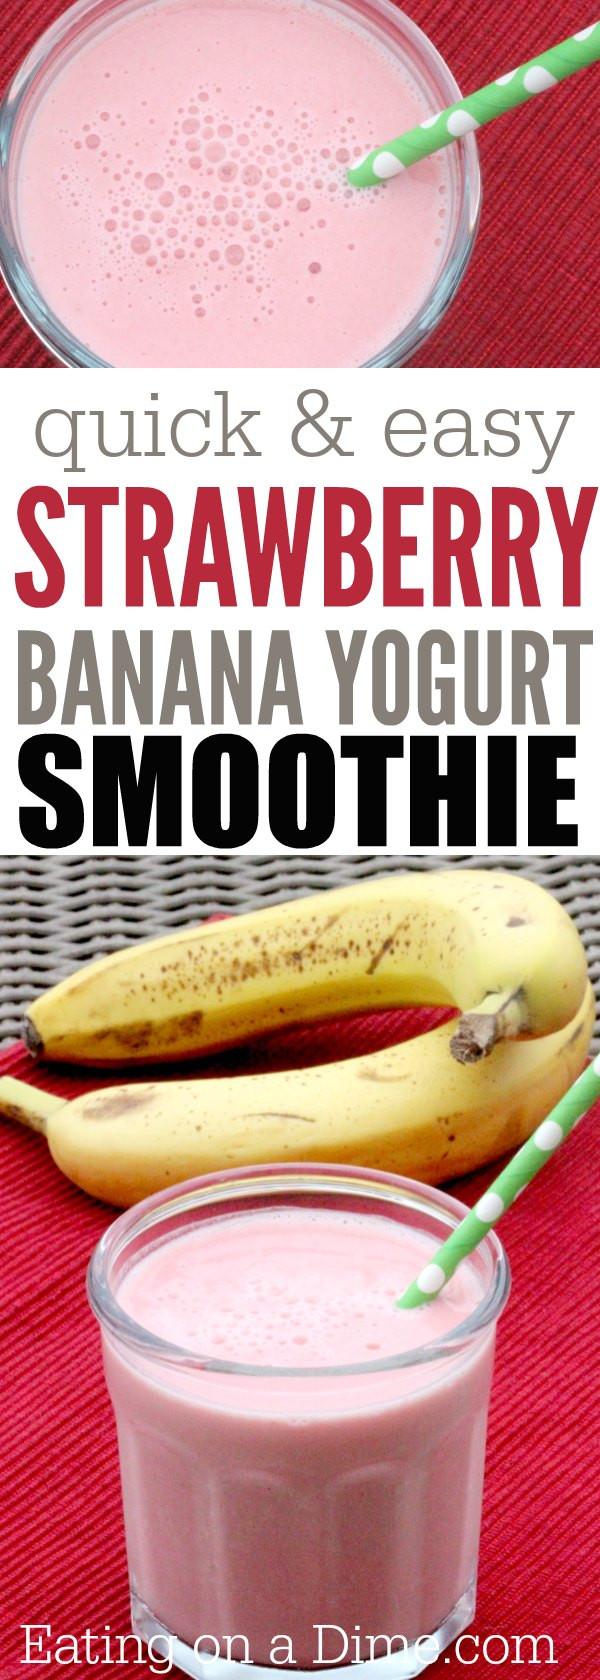 Smoothie Recipes Without Yogurt  Yogurt Strawberry Banana Smoothie Recipe Eating on a Dime